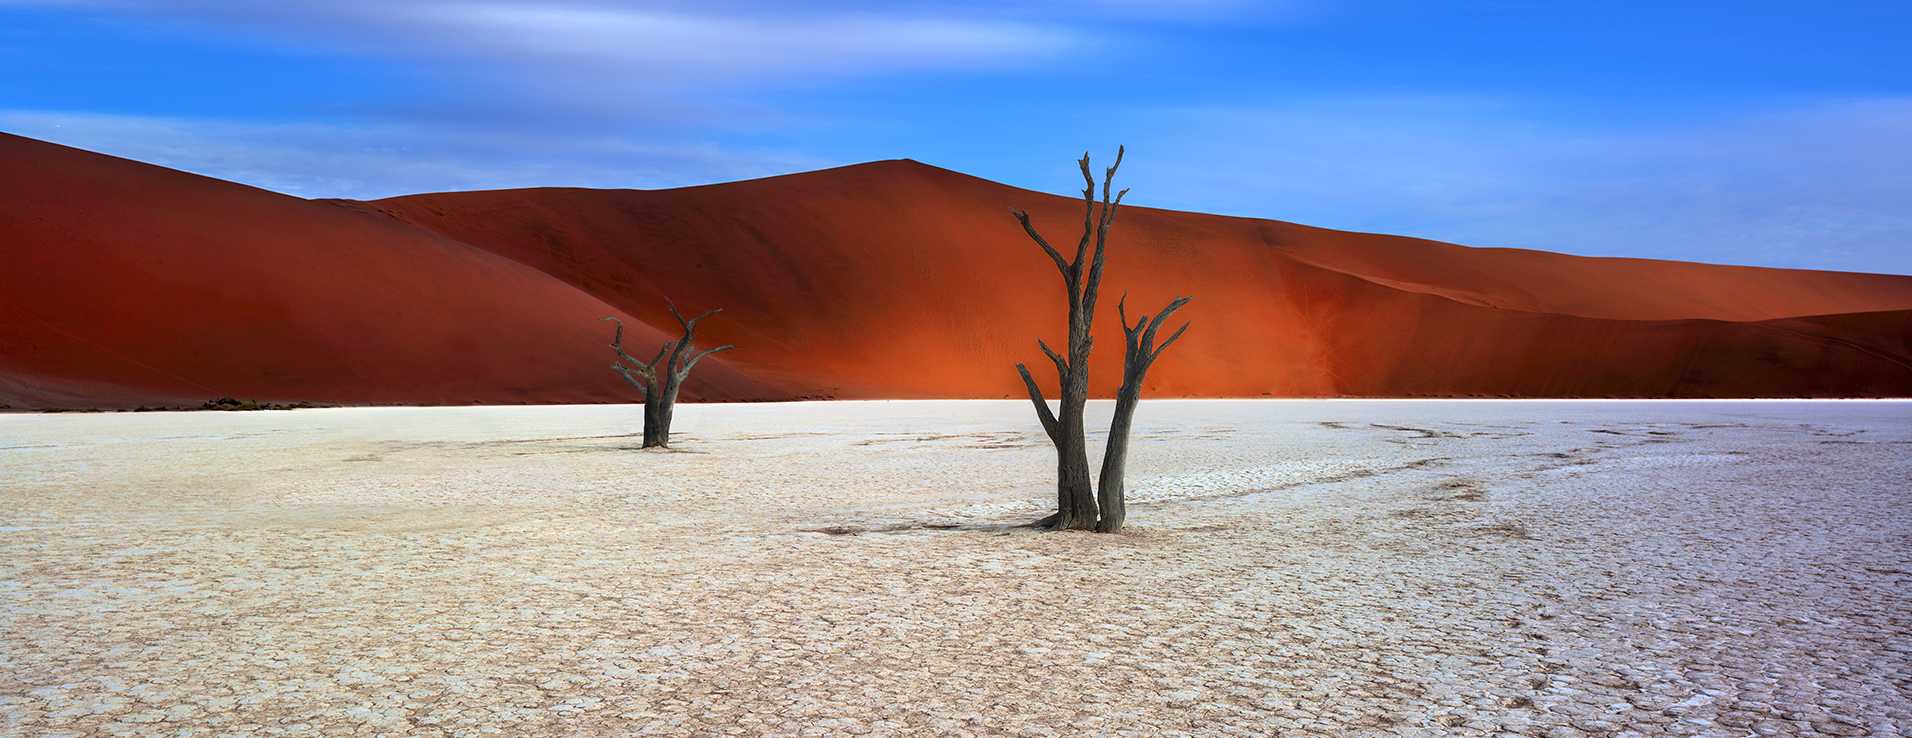 Сюрреалистические пейзажи: украинский фотограф рассказал о поездке в Намибию